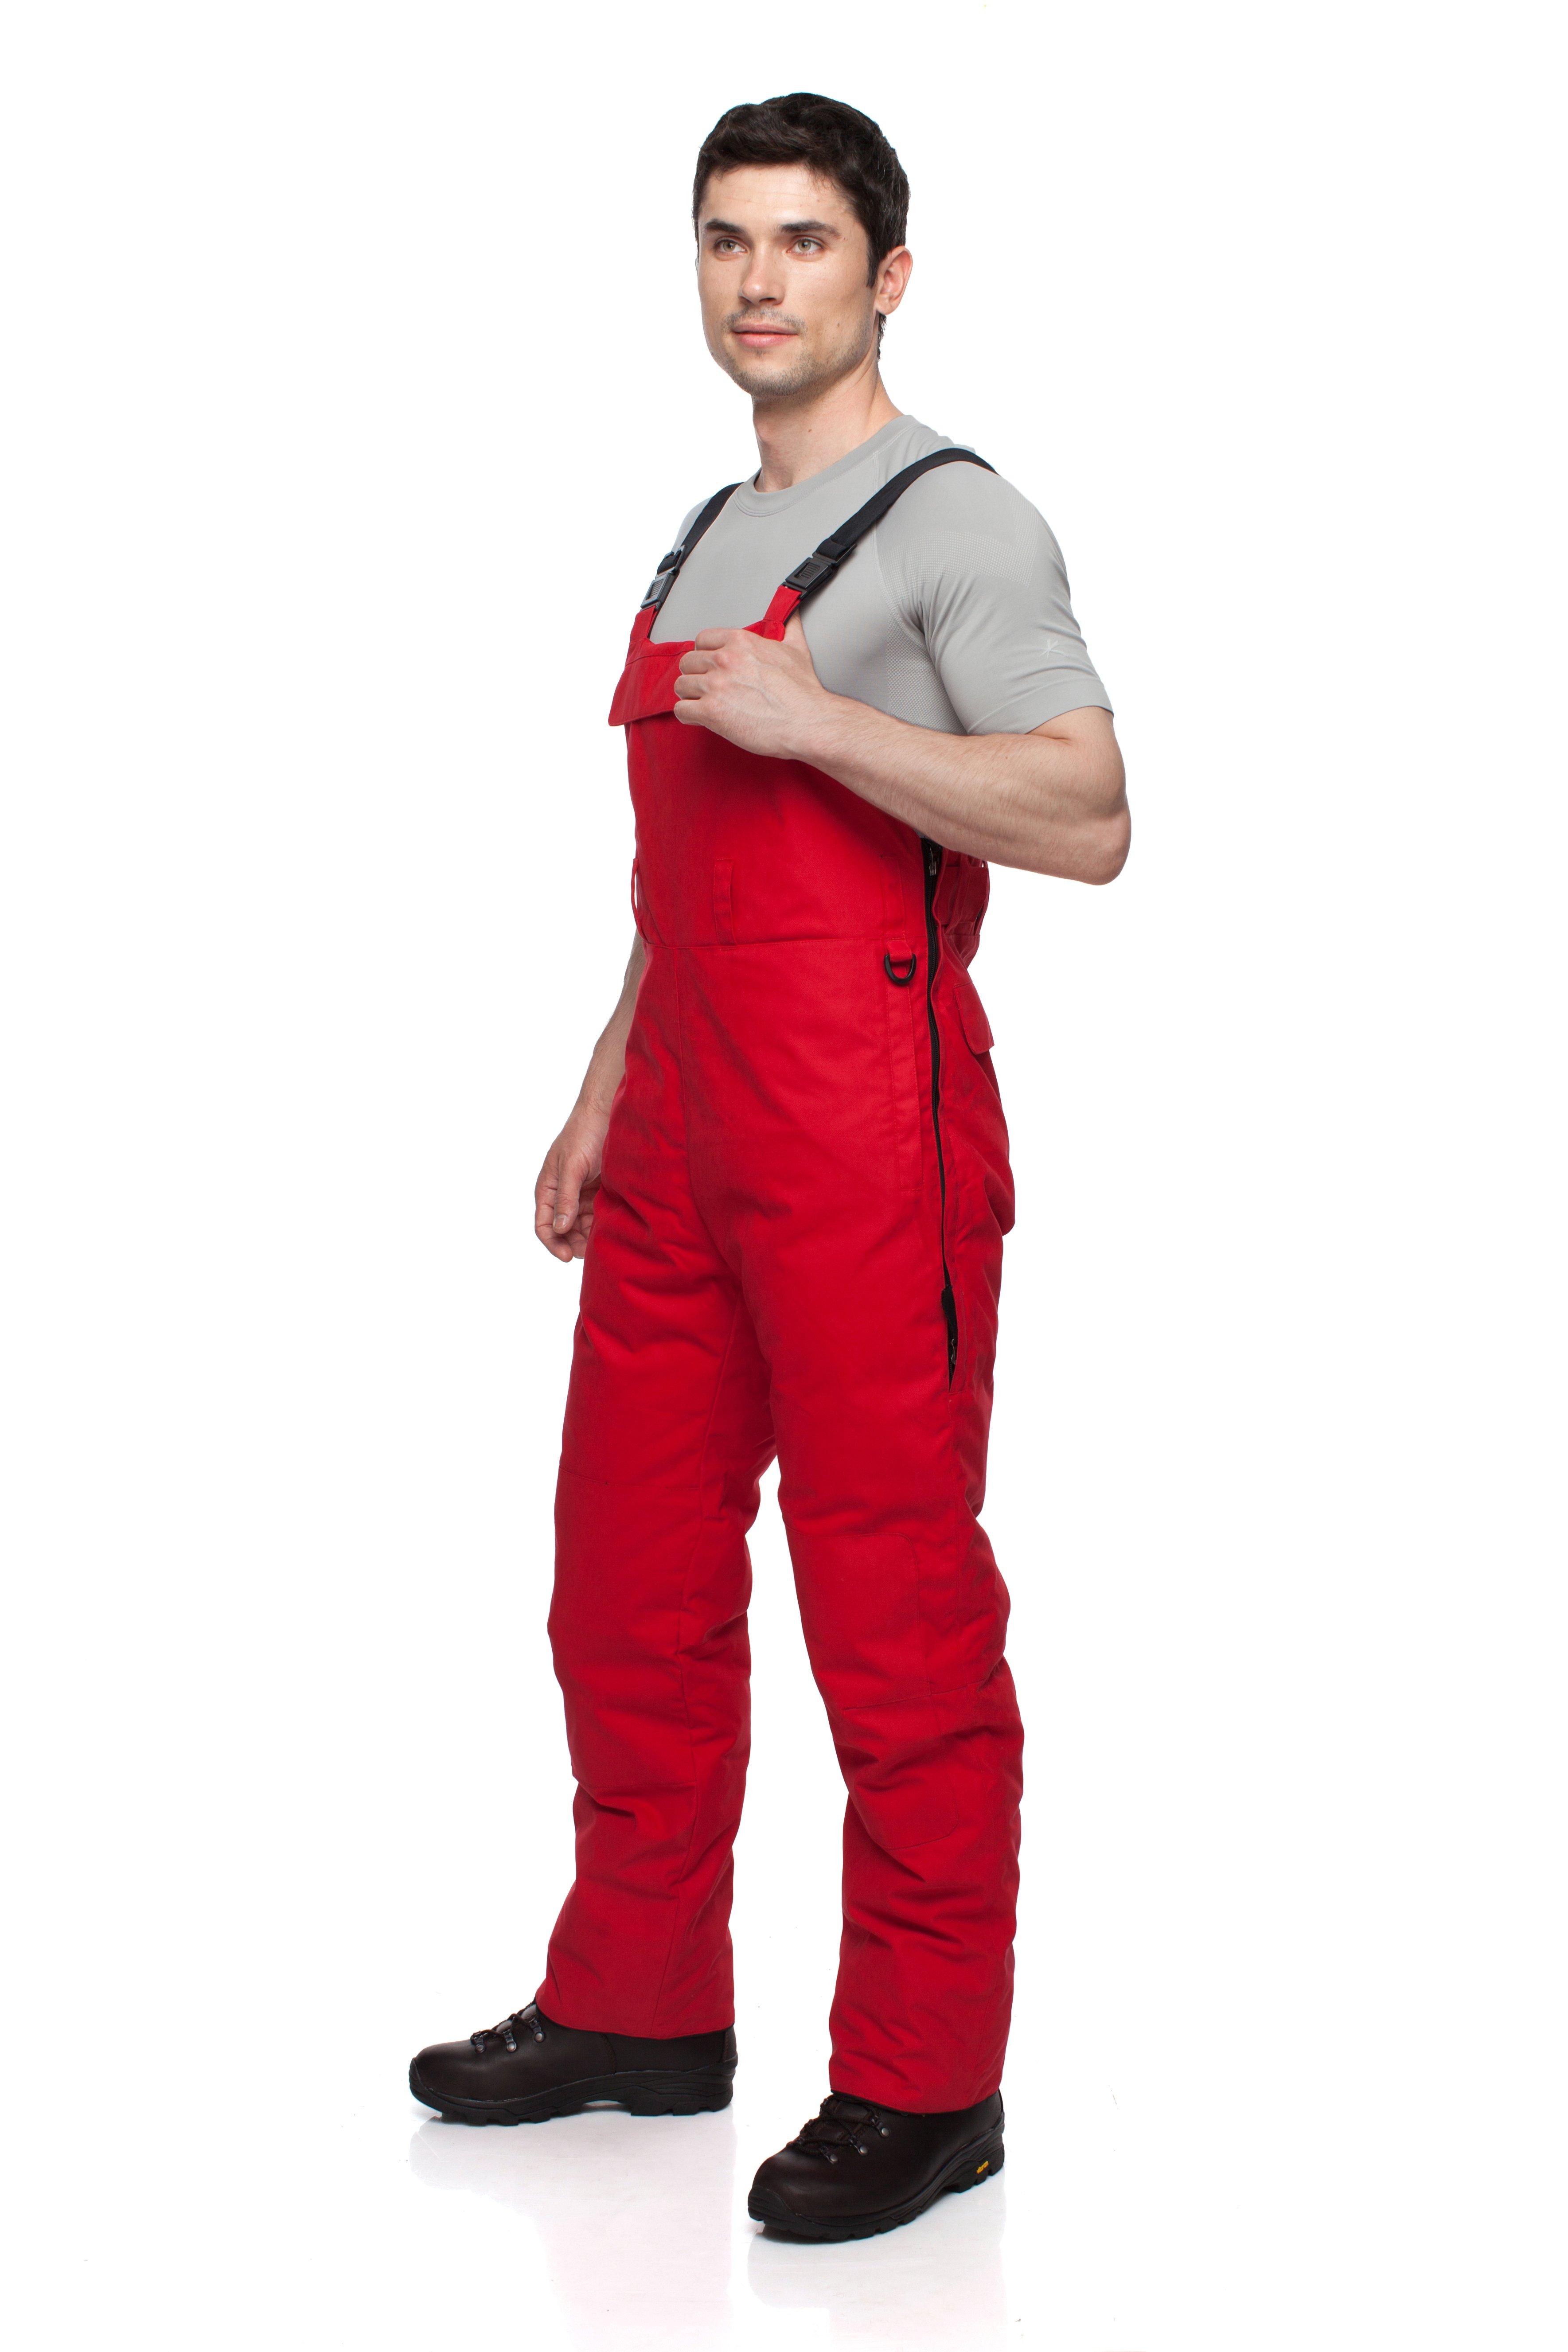 Полукомбинезон BASK TAGANAY 3777Теплый, зимний &amp;nbsp;мужской пуховой полукомбинезон с высокой спинкой и грудкой. Идеально подходят к курткам из мужской серии «За Полярным Кругом».<br><br>Верхняя ткань: Advance® Alaska<br>Влагозащитные молнии: Нет<br>Влагонепроницаемость: 10000<br>Внутренняя ткань: Advance® Classic<br>Водонепроницаемость: 10000<br>Количество внешних карманов: 1<br>Объемный крой коленей: Да<br>Отстегивающийся задний клапан: Нет<br>Пол: Муж.<br>Регулировка объема нижней части штанин: Да<br>Регулировка пояса: Да<br>Регулируемые бретели: Да<br>Регулируемые вентиляционные отверстия: Нет<br>Самосбросы: Нет<br>Система крепления к нижней части брюк: Нет<br>Снегозащитные муфты: Нет<br>Съемные защитные вкладыши: Нет<br>Технология Thermal Welding: Нет<br>Тип утеплителя: натуральный<br>Тип шва: простые<br>Усиление швов закрепками: Да<br>Утеплитель: гусиный пух<br>Функциональная молния спереди: Да<br>Размер RU: 46<br>Цвет: СЕРЫЙ